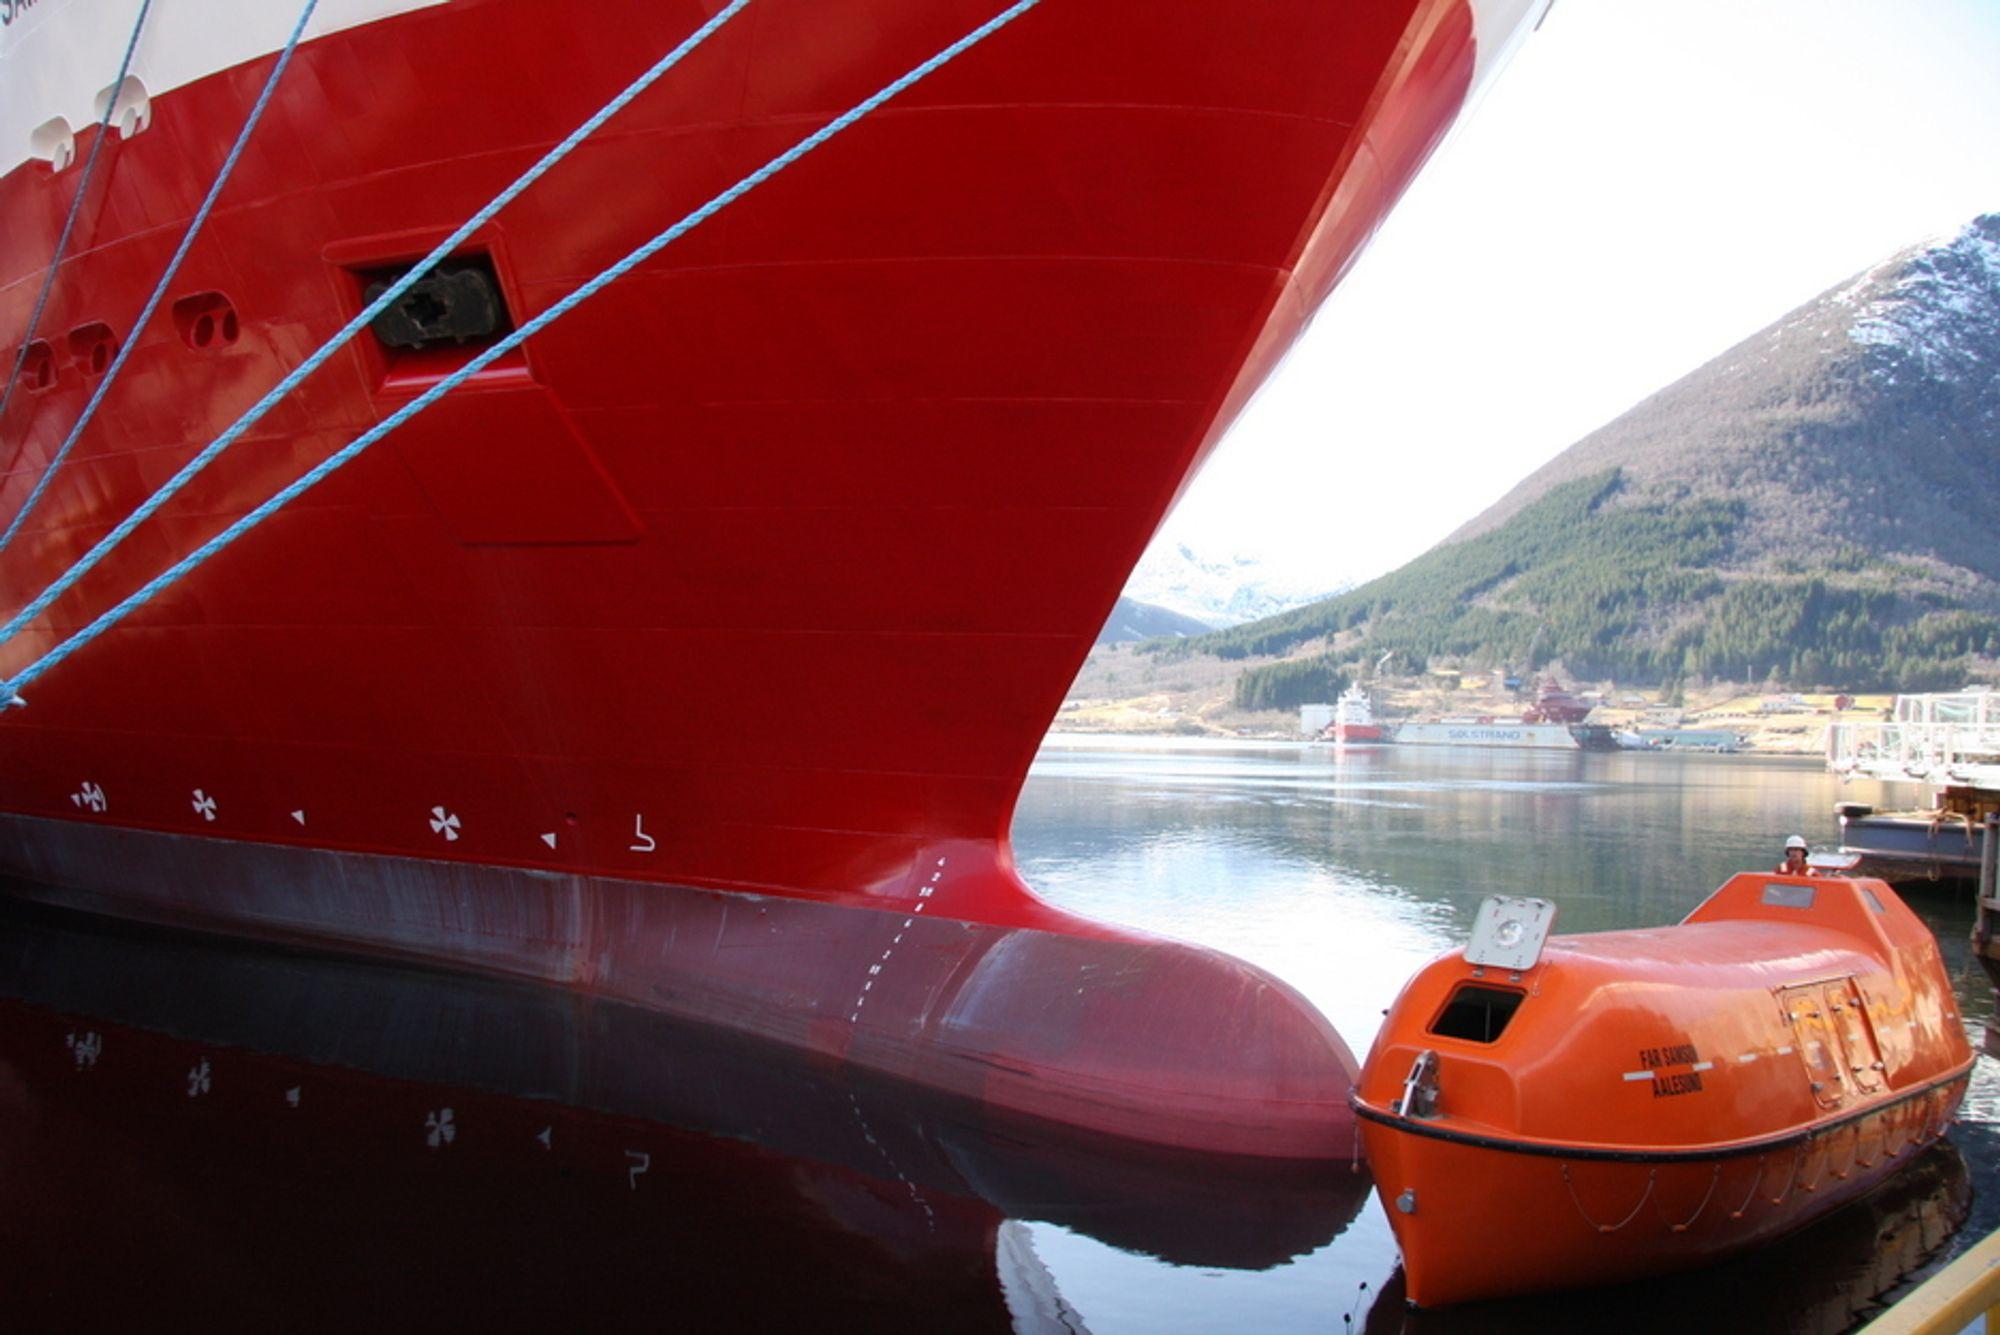 SIKKERHET: Regjeringen vil arbeide aktivt for en sikrere skipsfart og viderefører arbeidet lansert i strategidokumentene Stø kurs.